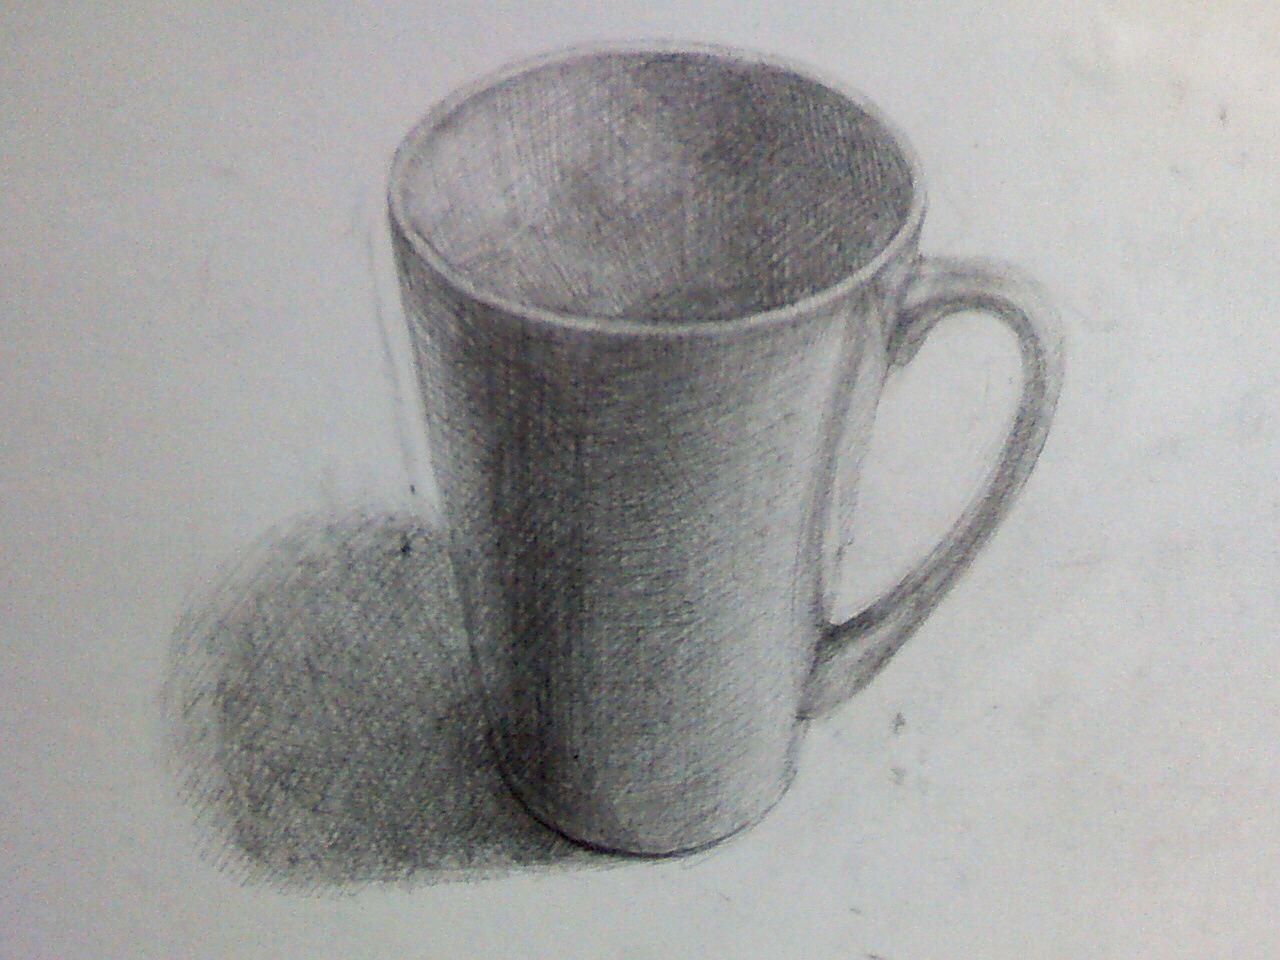 白いカップ